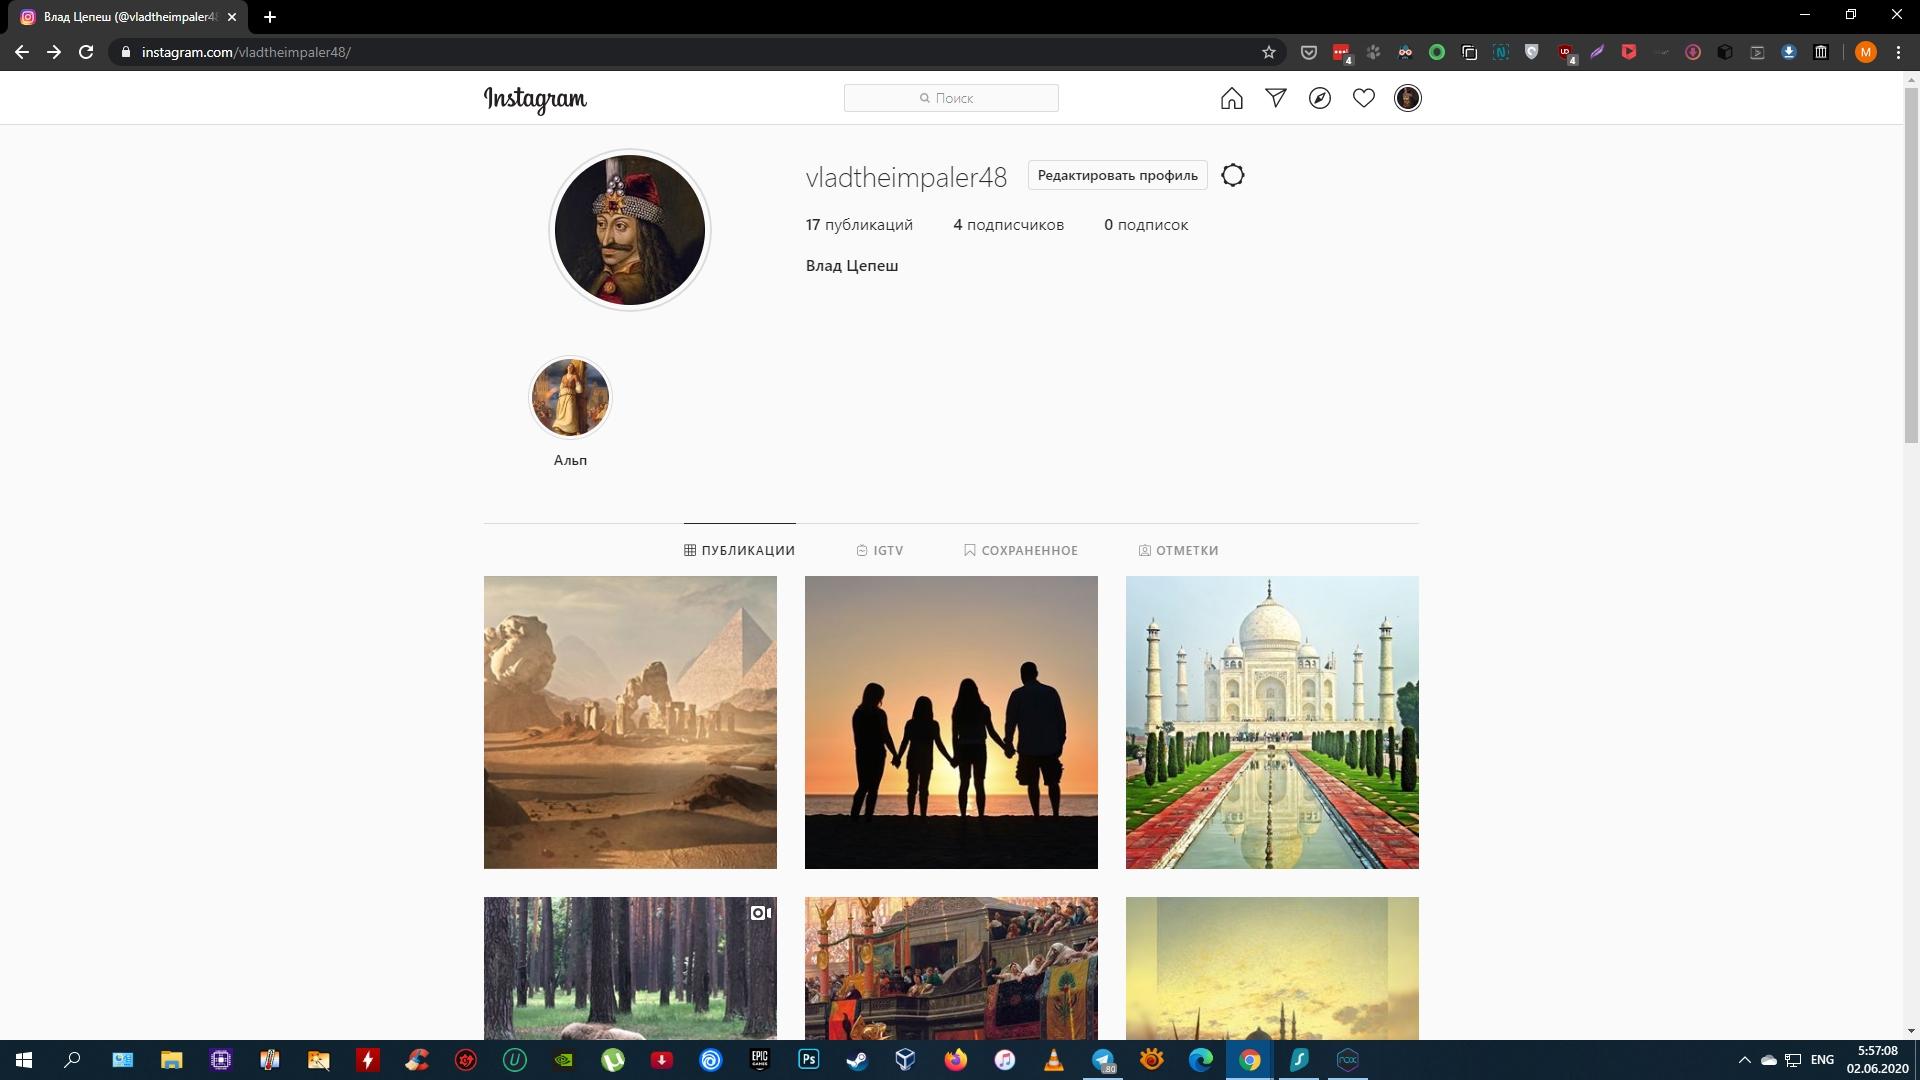 Cách thêm ảnh trong Instagram từ máy tính: Nhập tài khoản của bạn